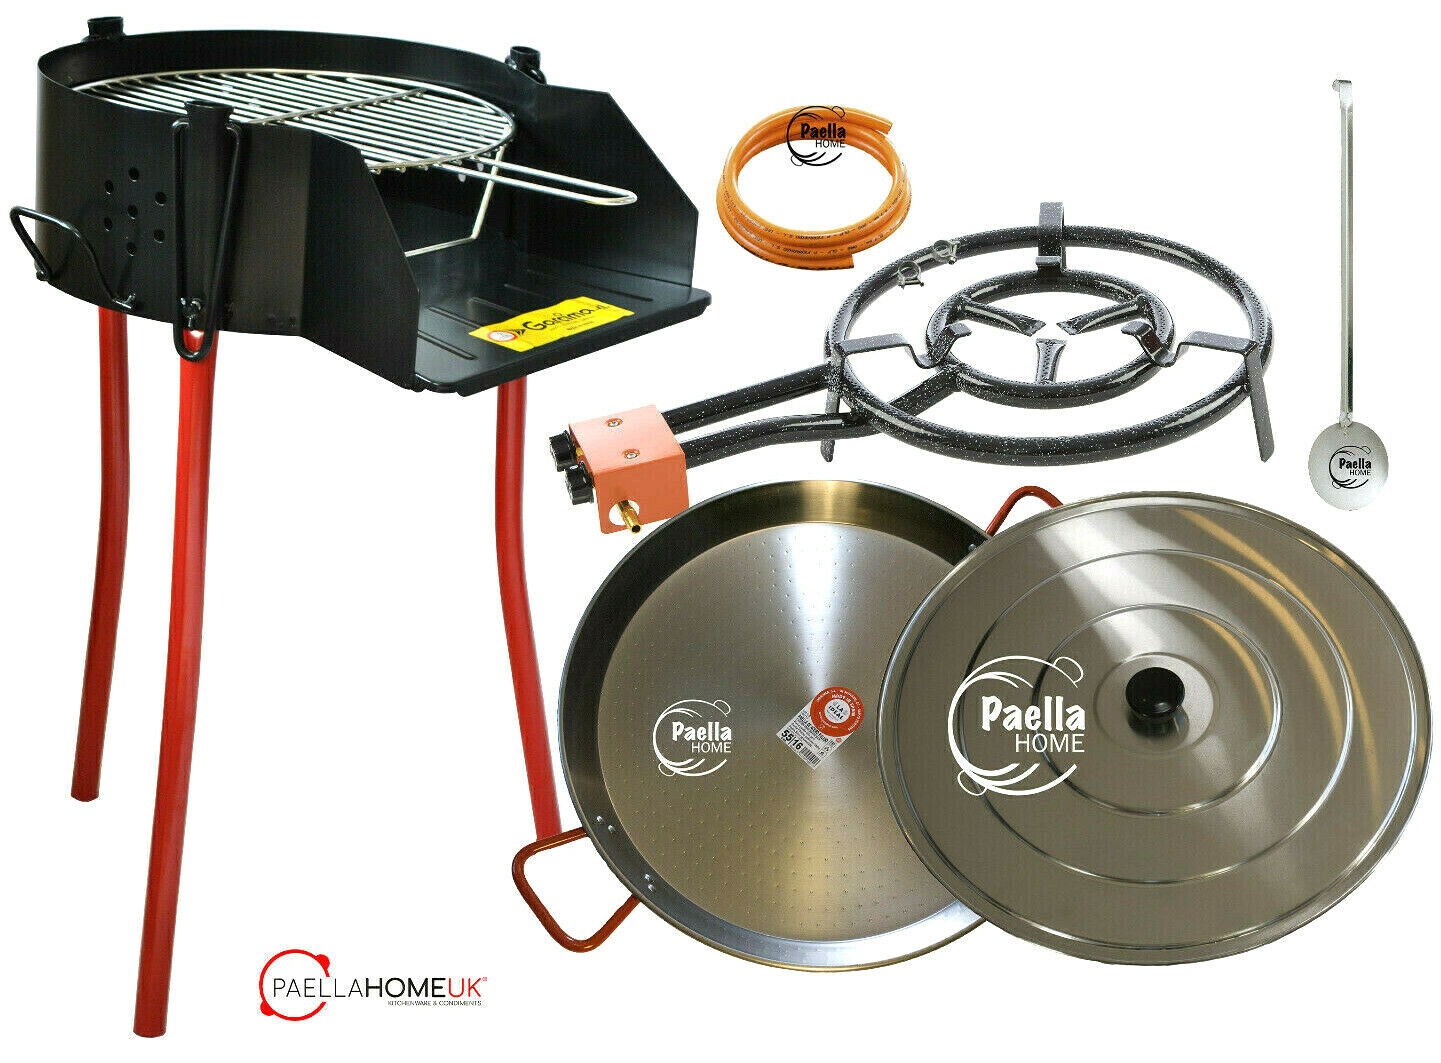 50cm Rustic BBQ & Paella Pan & Gas Burner Set - The Ultimate Original Summer Kit